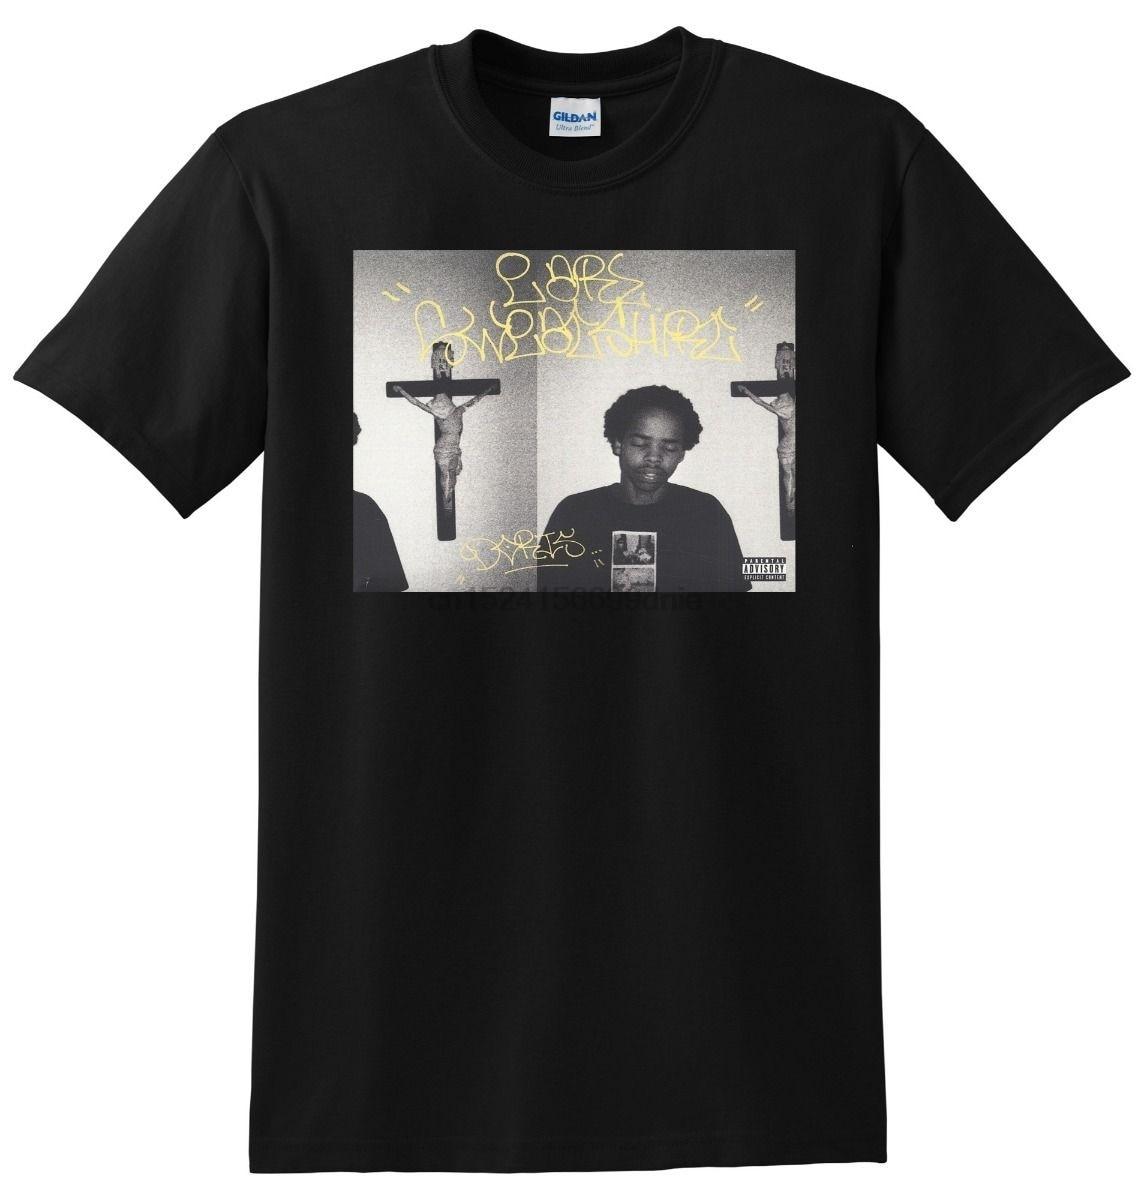 earl sweatshirt doris vinyl